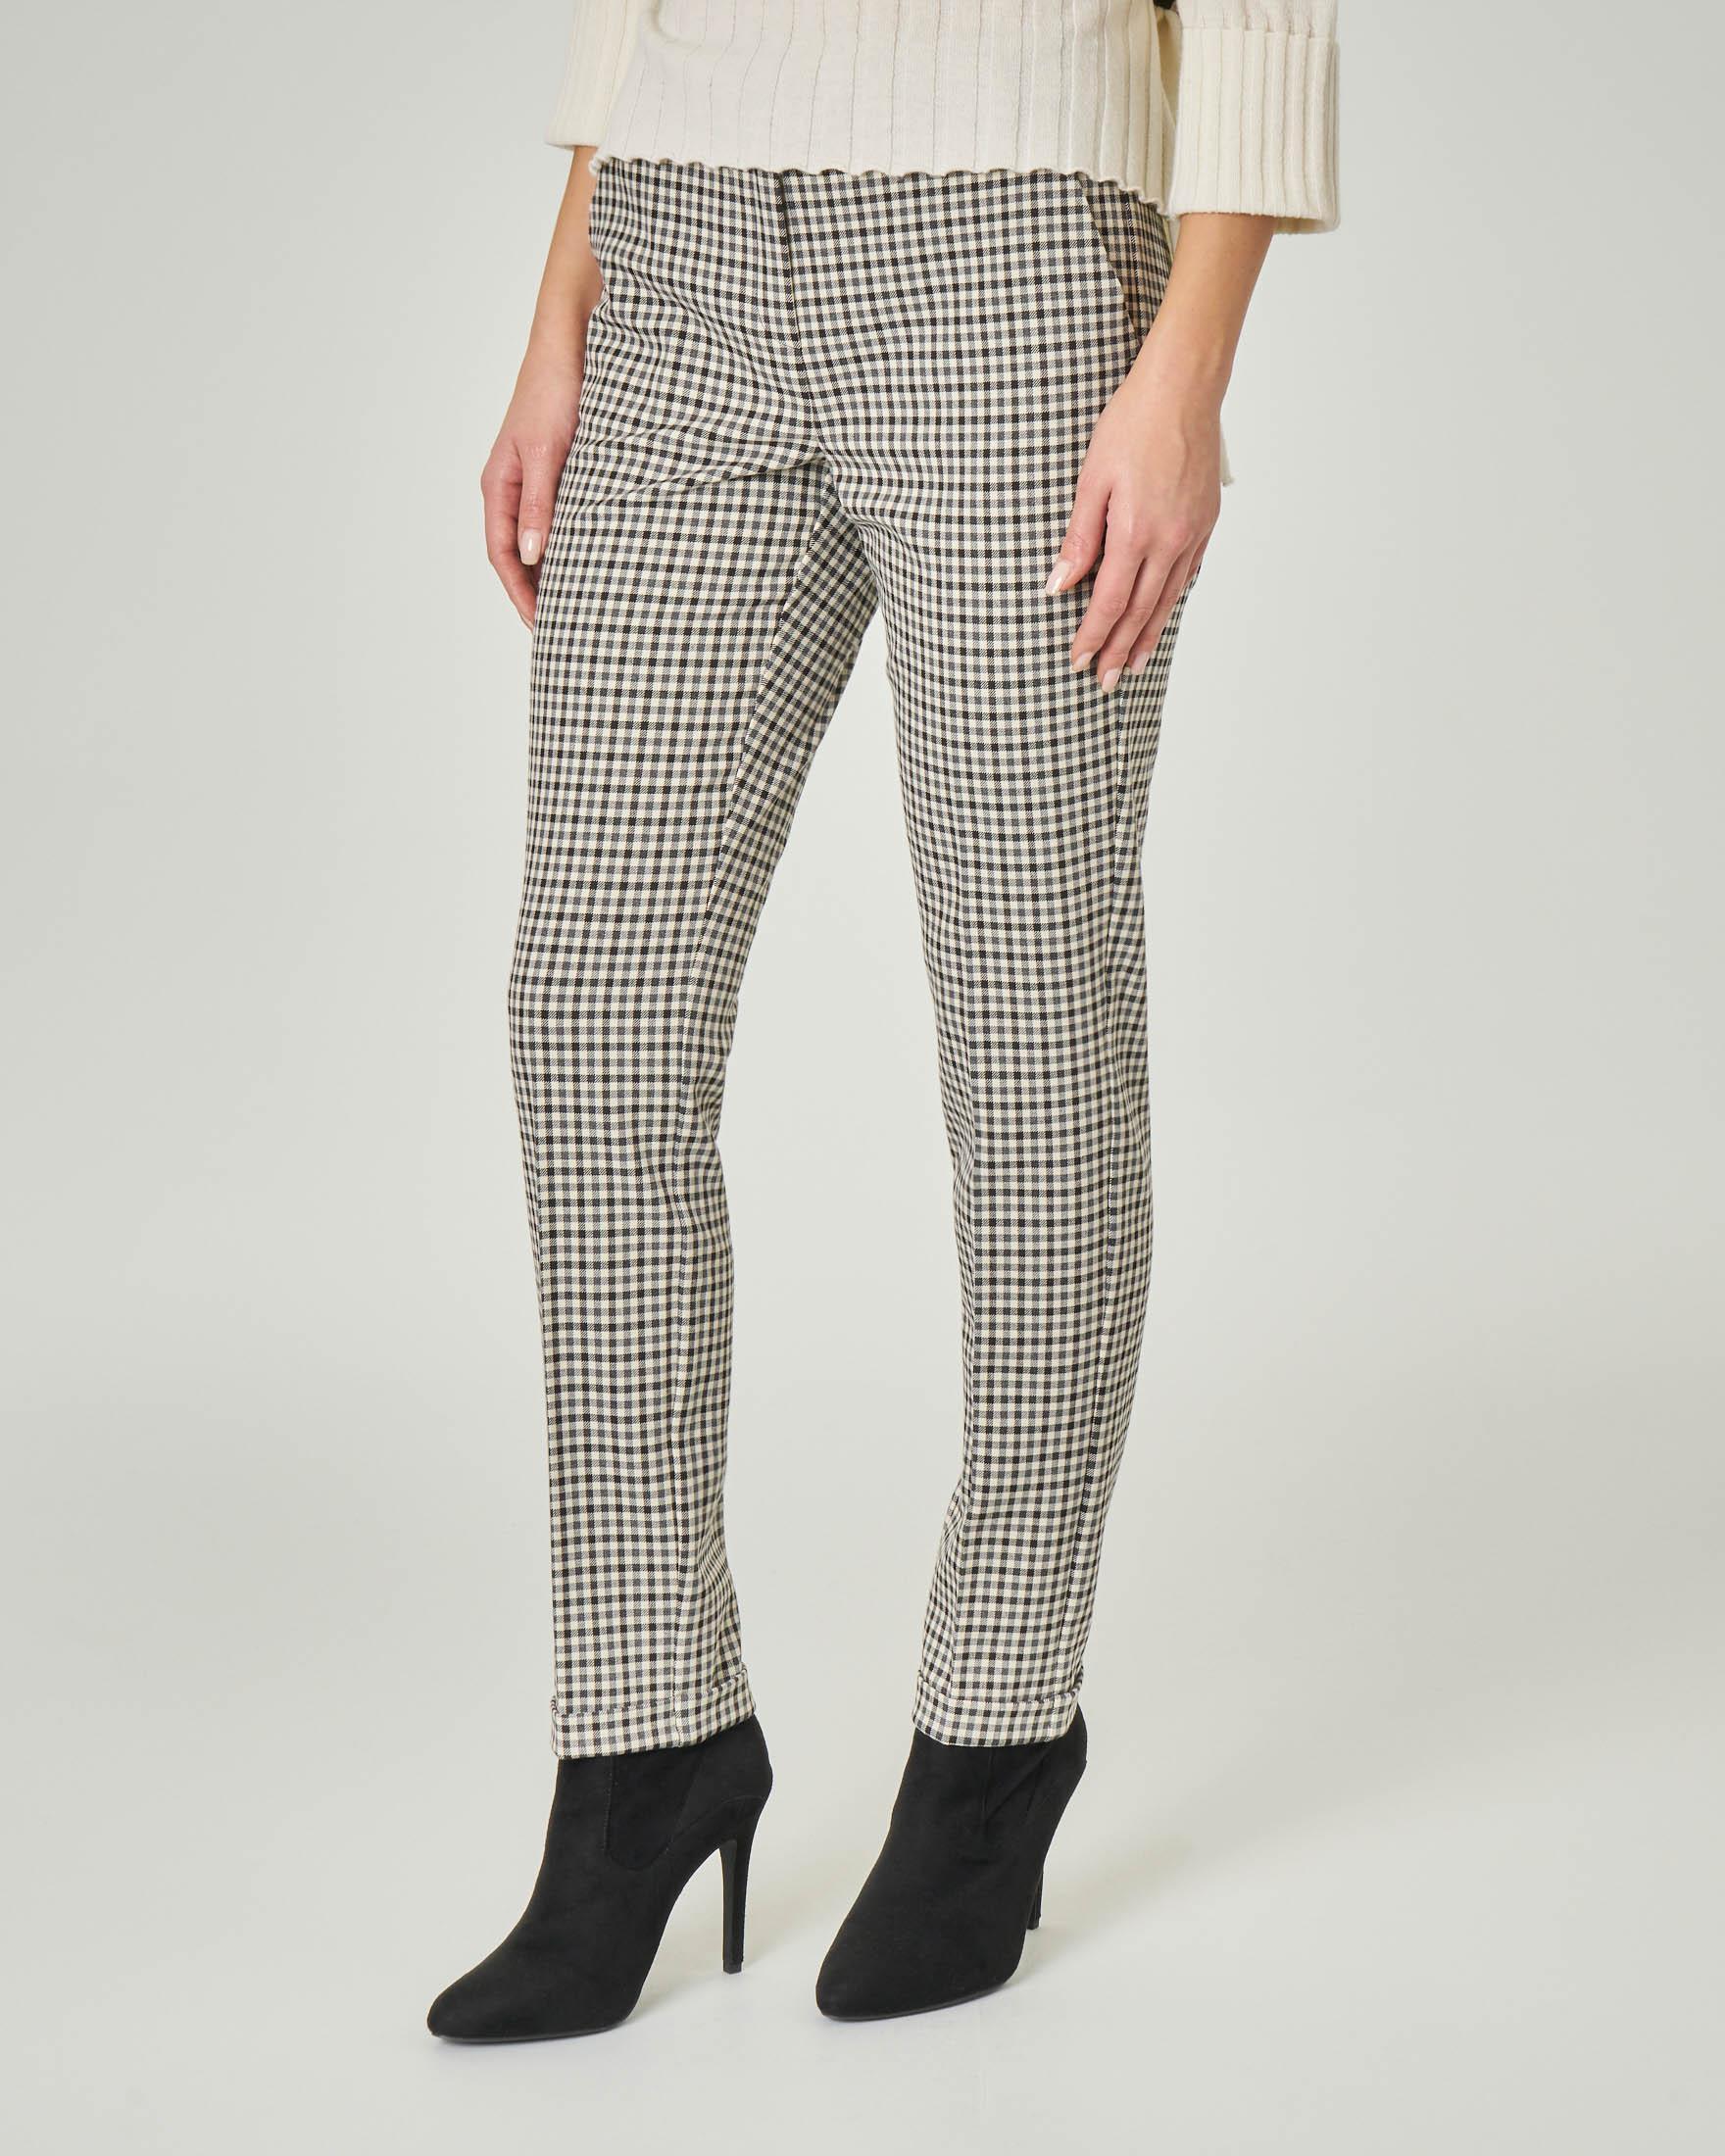 Pantaloni in tessuto misto viscosa a fantasia pied de poule nera e bianca